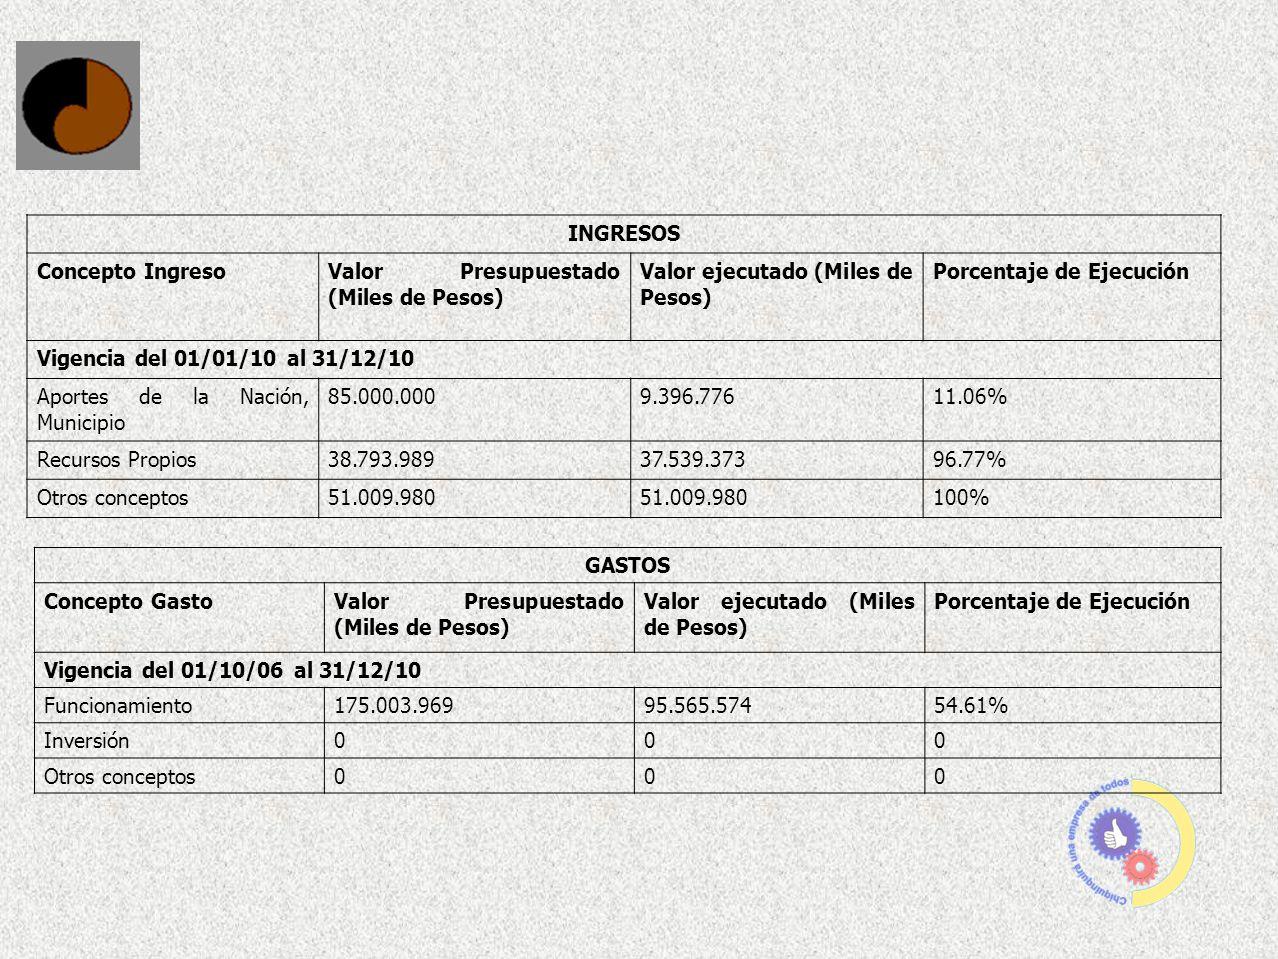 INGRESOS Concepto IngresoValor Presupuestado (Miles de Pesos) Valor ejecutado (Miles de Pesos) Porcentaje de Ejecución Vigencia del 01/01/10 al 31/12/